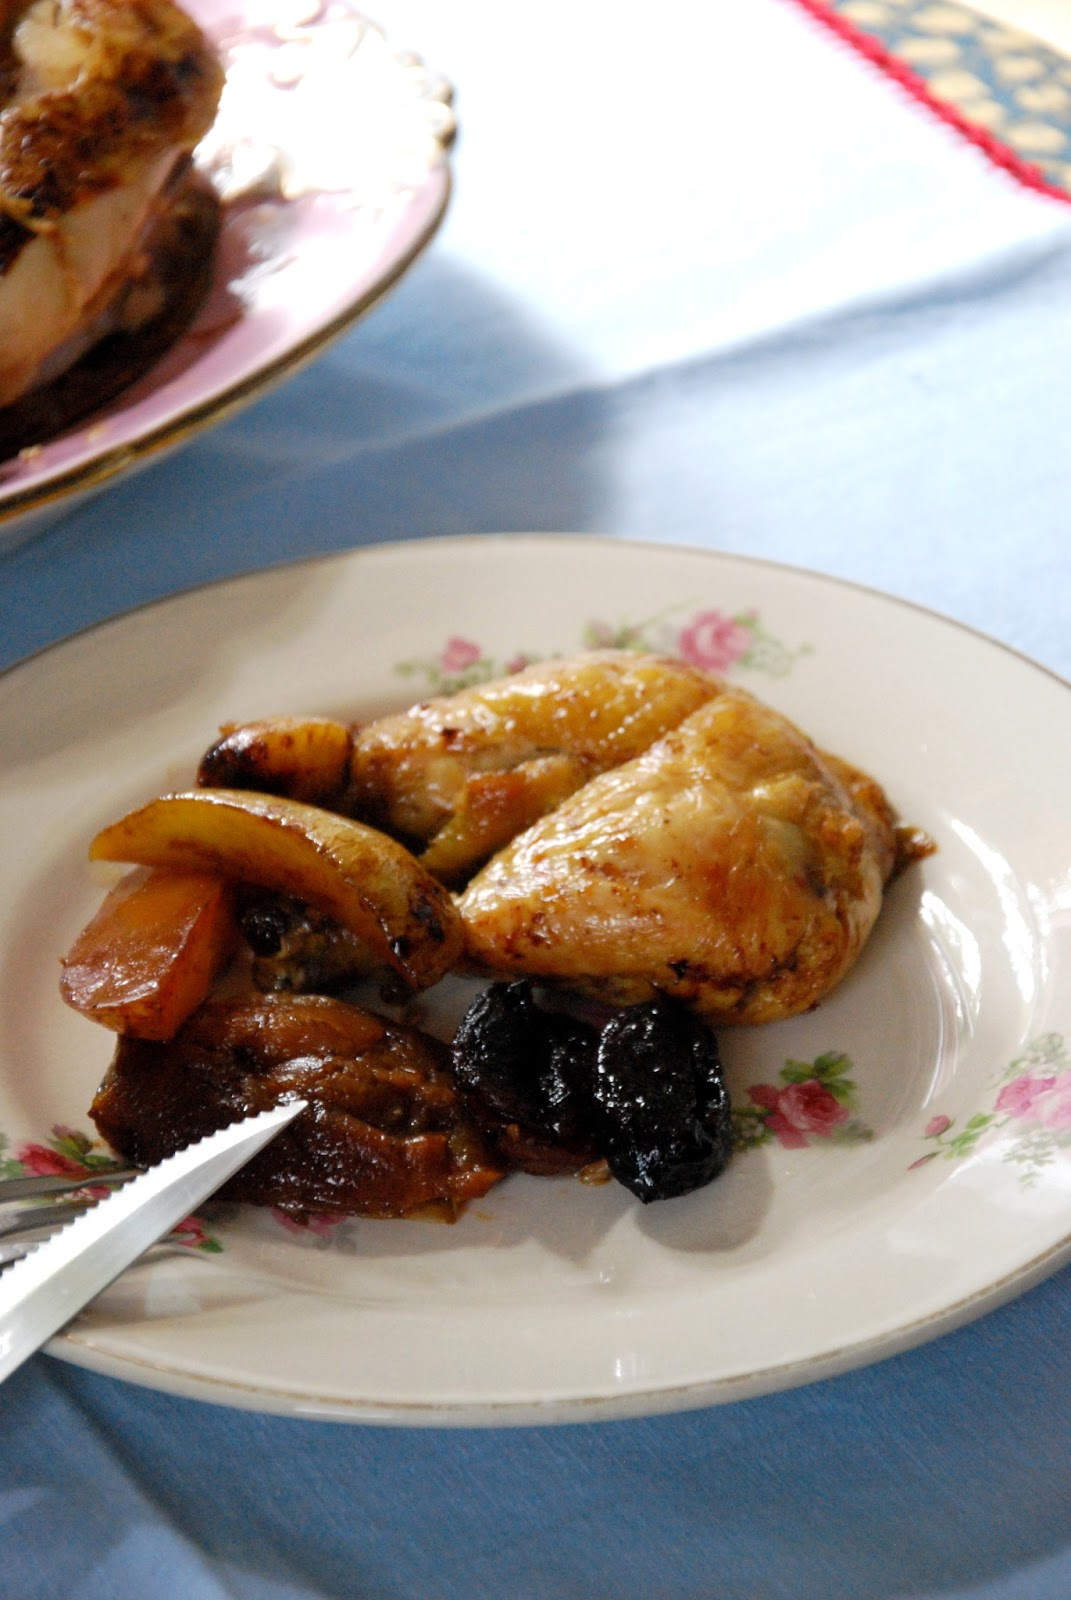 Chez Silvia: Pollo al horno con patatas y manzanas en su jugo.